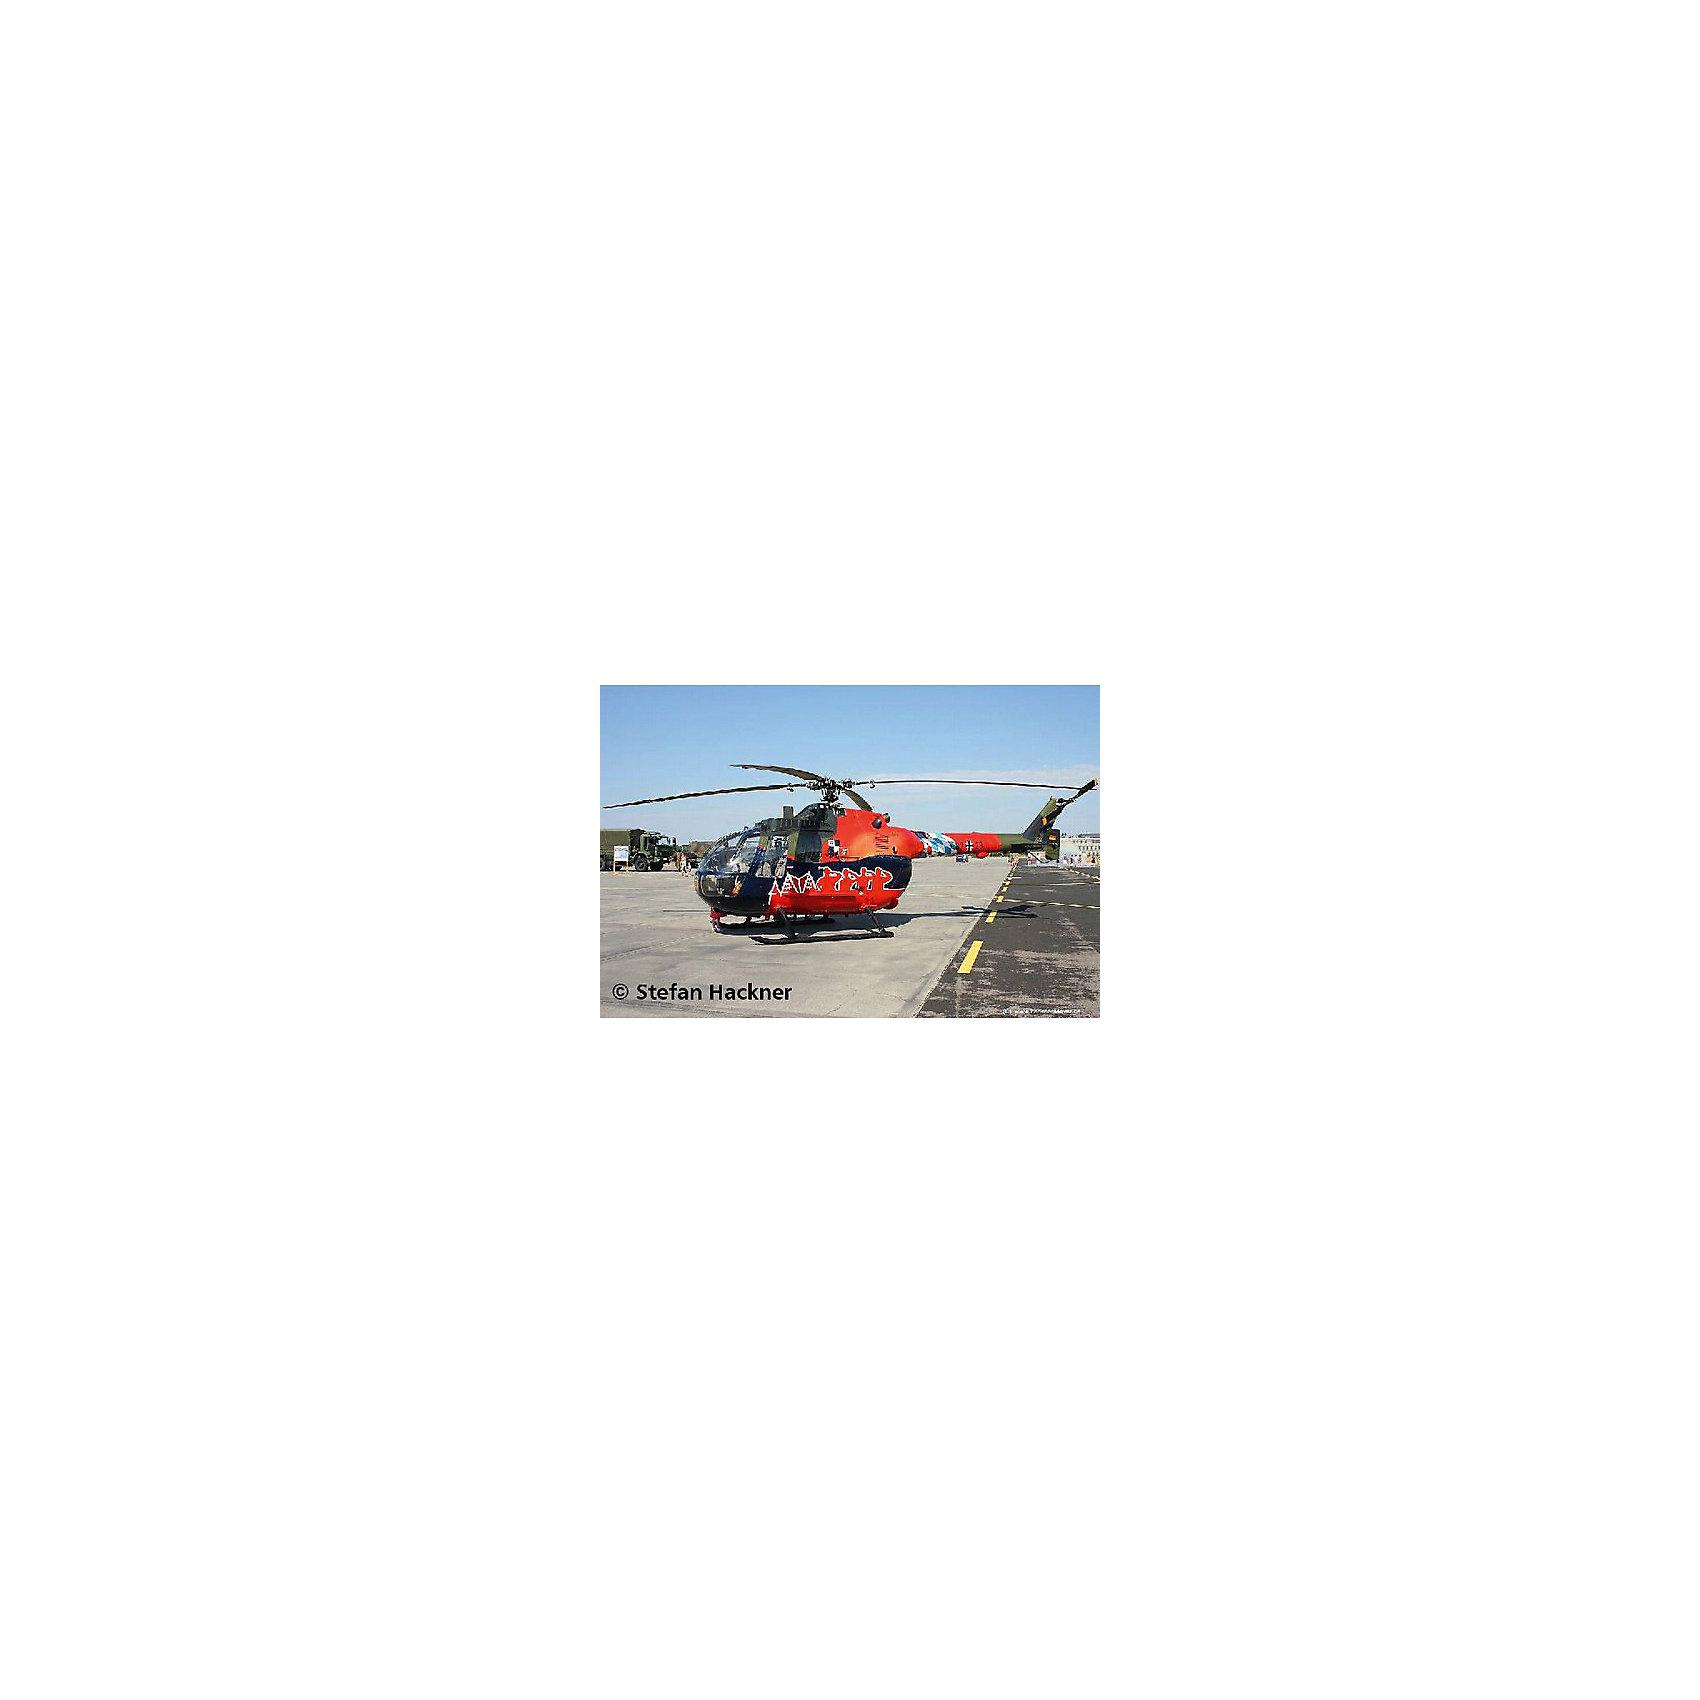 Набор Вертолет Fly Out Paintin, RevellСборные модели транспорта<br>Вертолёт BO 105 Fly Out Paintin является наиболее удачной моделью в легком классе. Из-за его манёвренности, вертолёт подходит для многоцелевого использования. В частности, он применялся немецкой армией как связной и разведывательный вертолёт.  Великолепная, тщательно детализированная сборная модель BO 105 Fly Out Paintin является абсолютно точной уменьшенной копией своего прототипа в масштабе 1:32. Всего модель состоит из 84 отдельных компонентов, которые необходимо собрать, склеить и покрыть краской в соответствии с инструкцией в комплекте. В наборе также прилагаются краски с кисточкой и клей в удобной упаковке. Длина готовой модели составляет 267 мм, а размах лопастей несущего винта – 306 мм. Также в наборе есть уникальный набор наклеек для декорирования фюзеляжа.  Разработанная для детей от 10 лет, сборная модель немецкого вертолёта BO 105 Fly Out Paintin, несомненно, порадует взрослых любителей моделирования и коллекционеров военной техники. Моделирование относят к одному из наиболее полезных хобби, ведь оно отлично тренирует мелкую моторику, развивает такие навыки как усидчивость, аккуратность и внимательность. Кроме того, развивается пространственное мышление, логика и креативность.<br><br>Набор Вертолет Fly Out Paintin, Revell можно купить в нашем магазине.<br><br>Ширина мм: 390<br>Глубина мм: 340<br>Высота мм: 62<br>Вес г: 695<br>Возраст от месяцев: 120<br>Возраст до месяцев: 180<br>Пол: Мужской<br>Возраст: Детский<br>SKU: 4560889